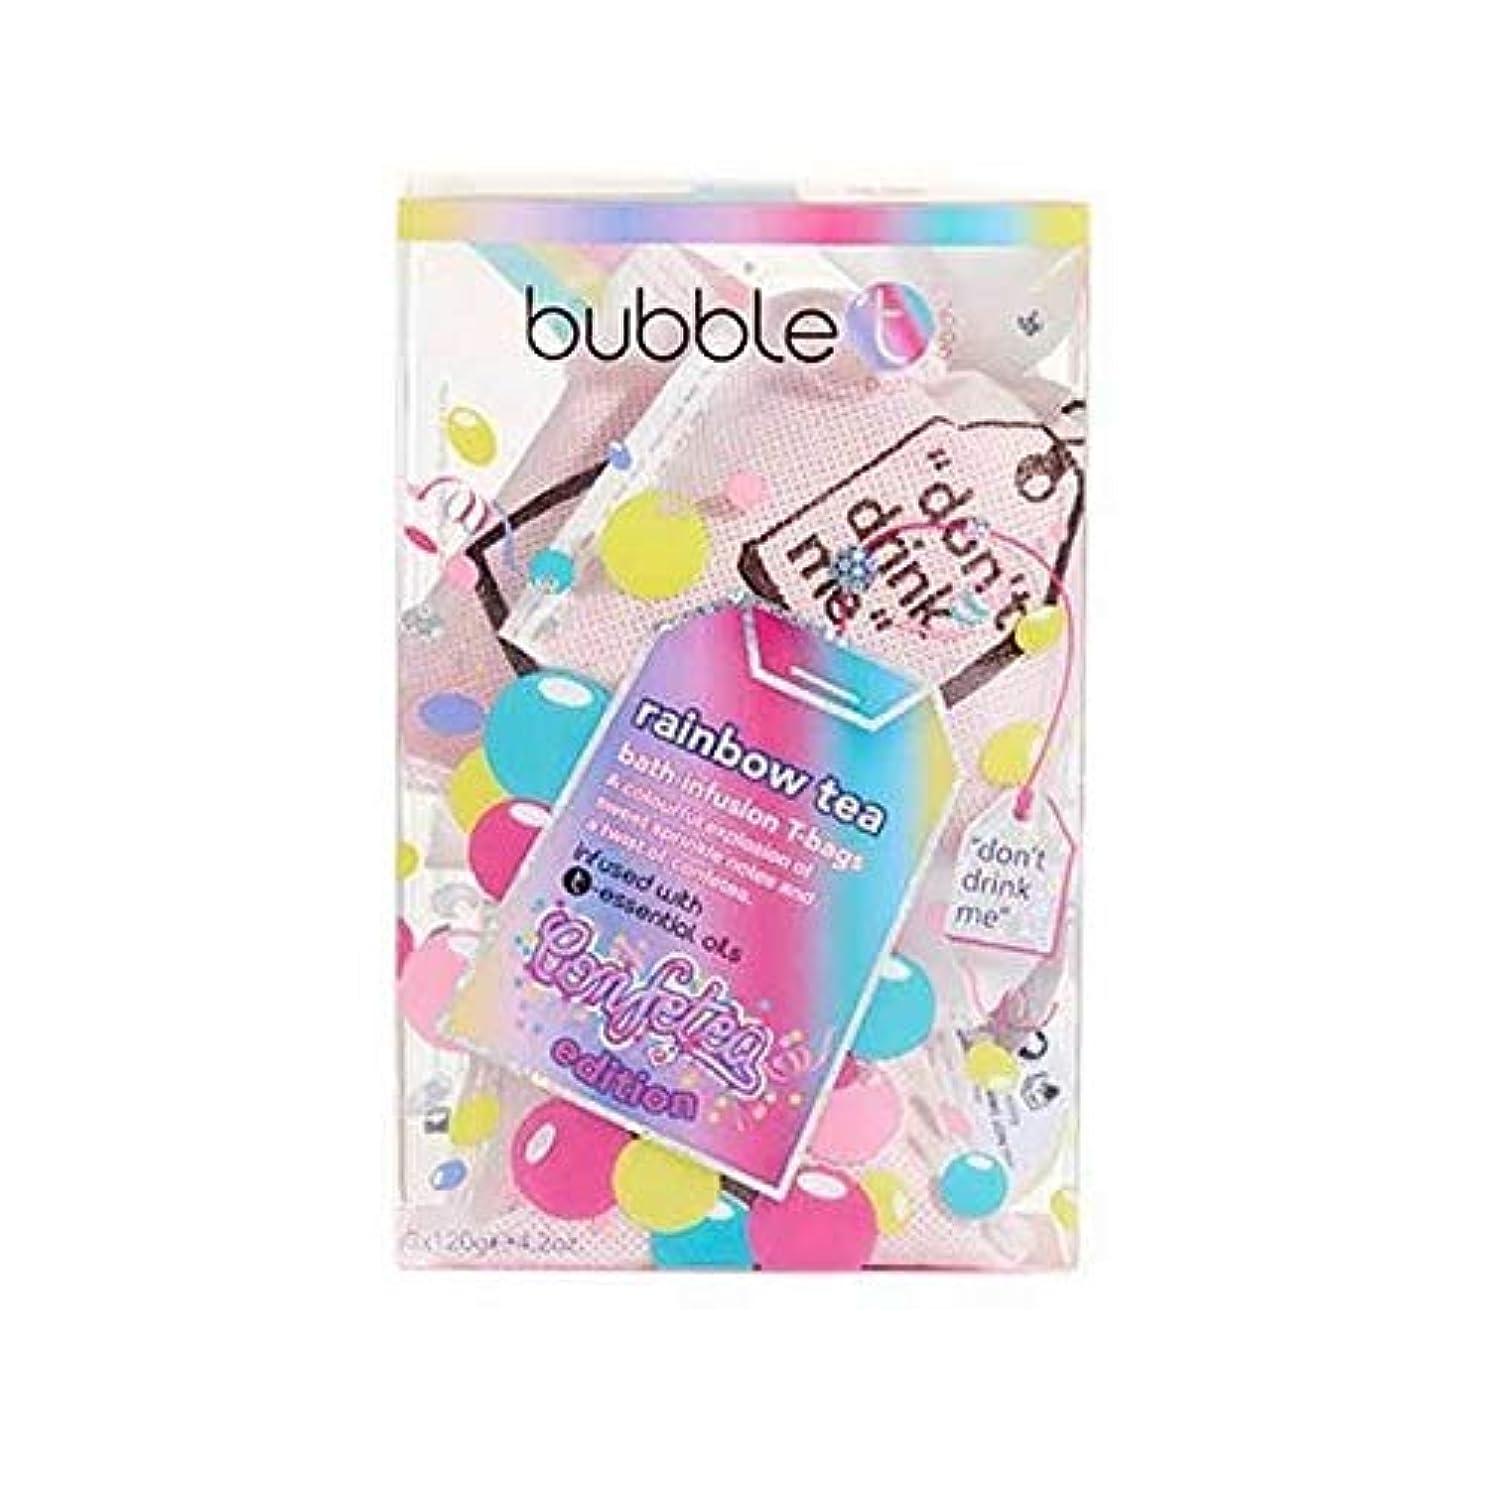 振りかけるサミュエル黒板[Bubble T ] バブルトンの化粧品 - 入浴輸液ティーバッグ虹のお茶 - Bubble T Cosmetics - Bath infusion tea bags Rainbow tea [並行輸入品]